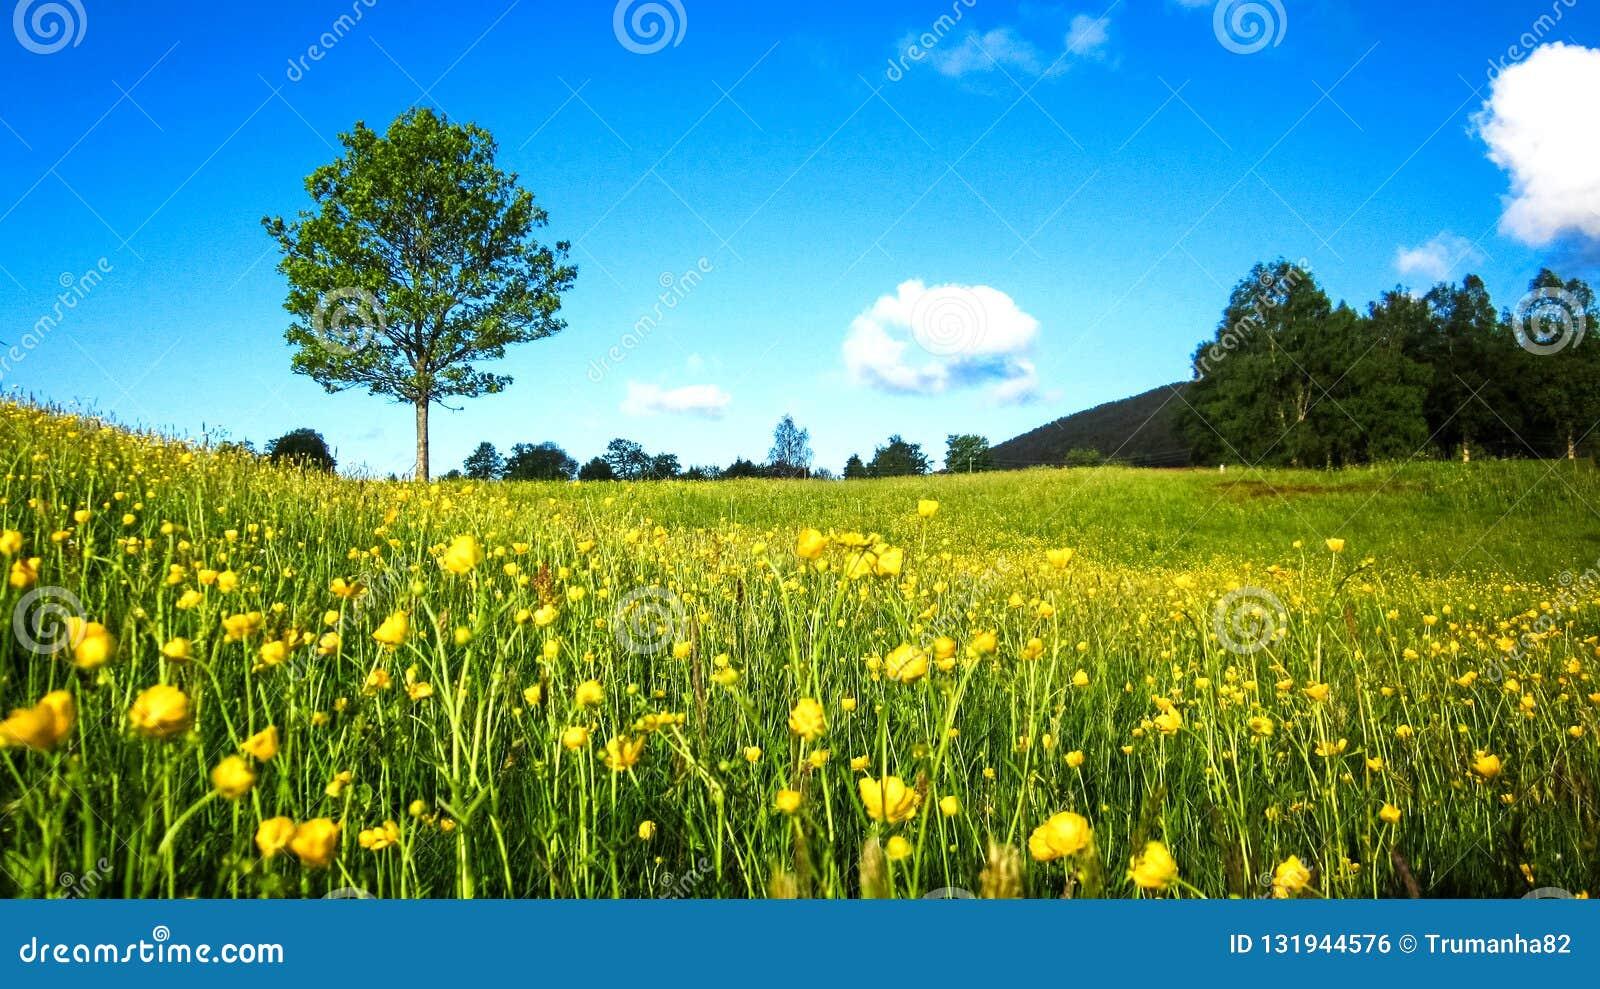 Natur-Frühlings-Landschaft mit einem Feld von wilden gelben Butterblumeen, von einzigen Baum und von zerstreuten weißen Wolken im